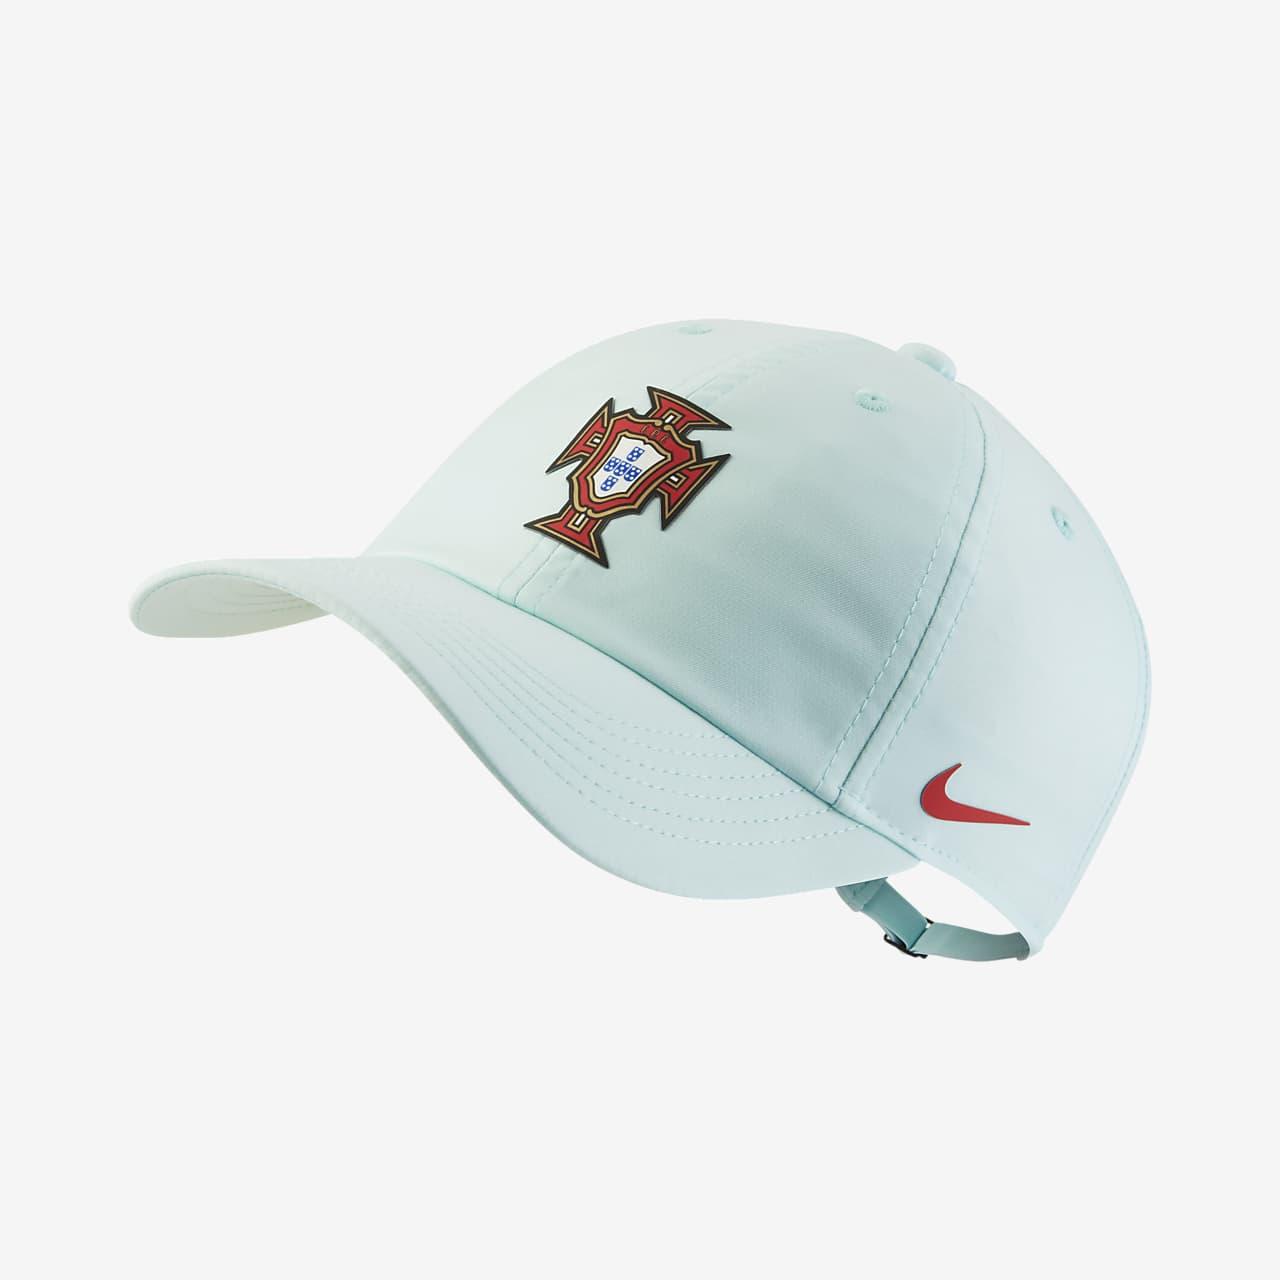 Καπέλο Πορτογαλία Heritage86 για παιδιά